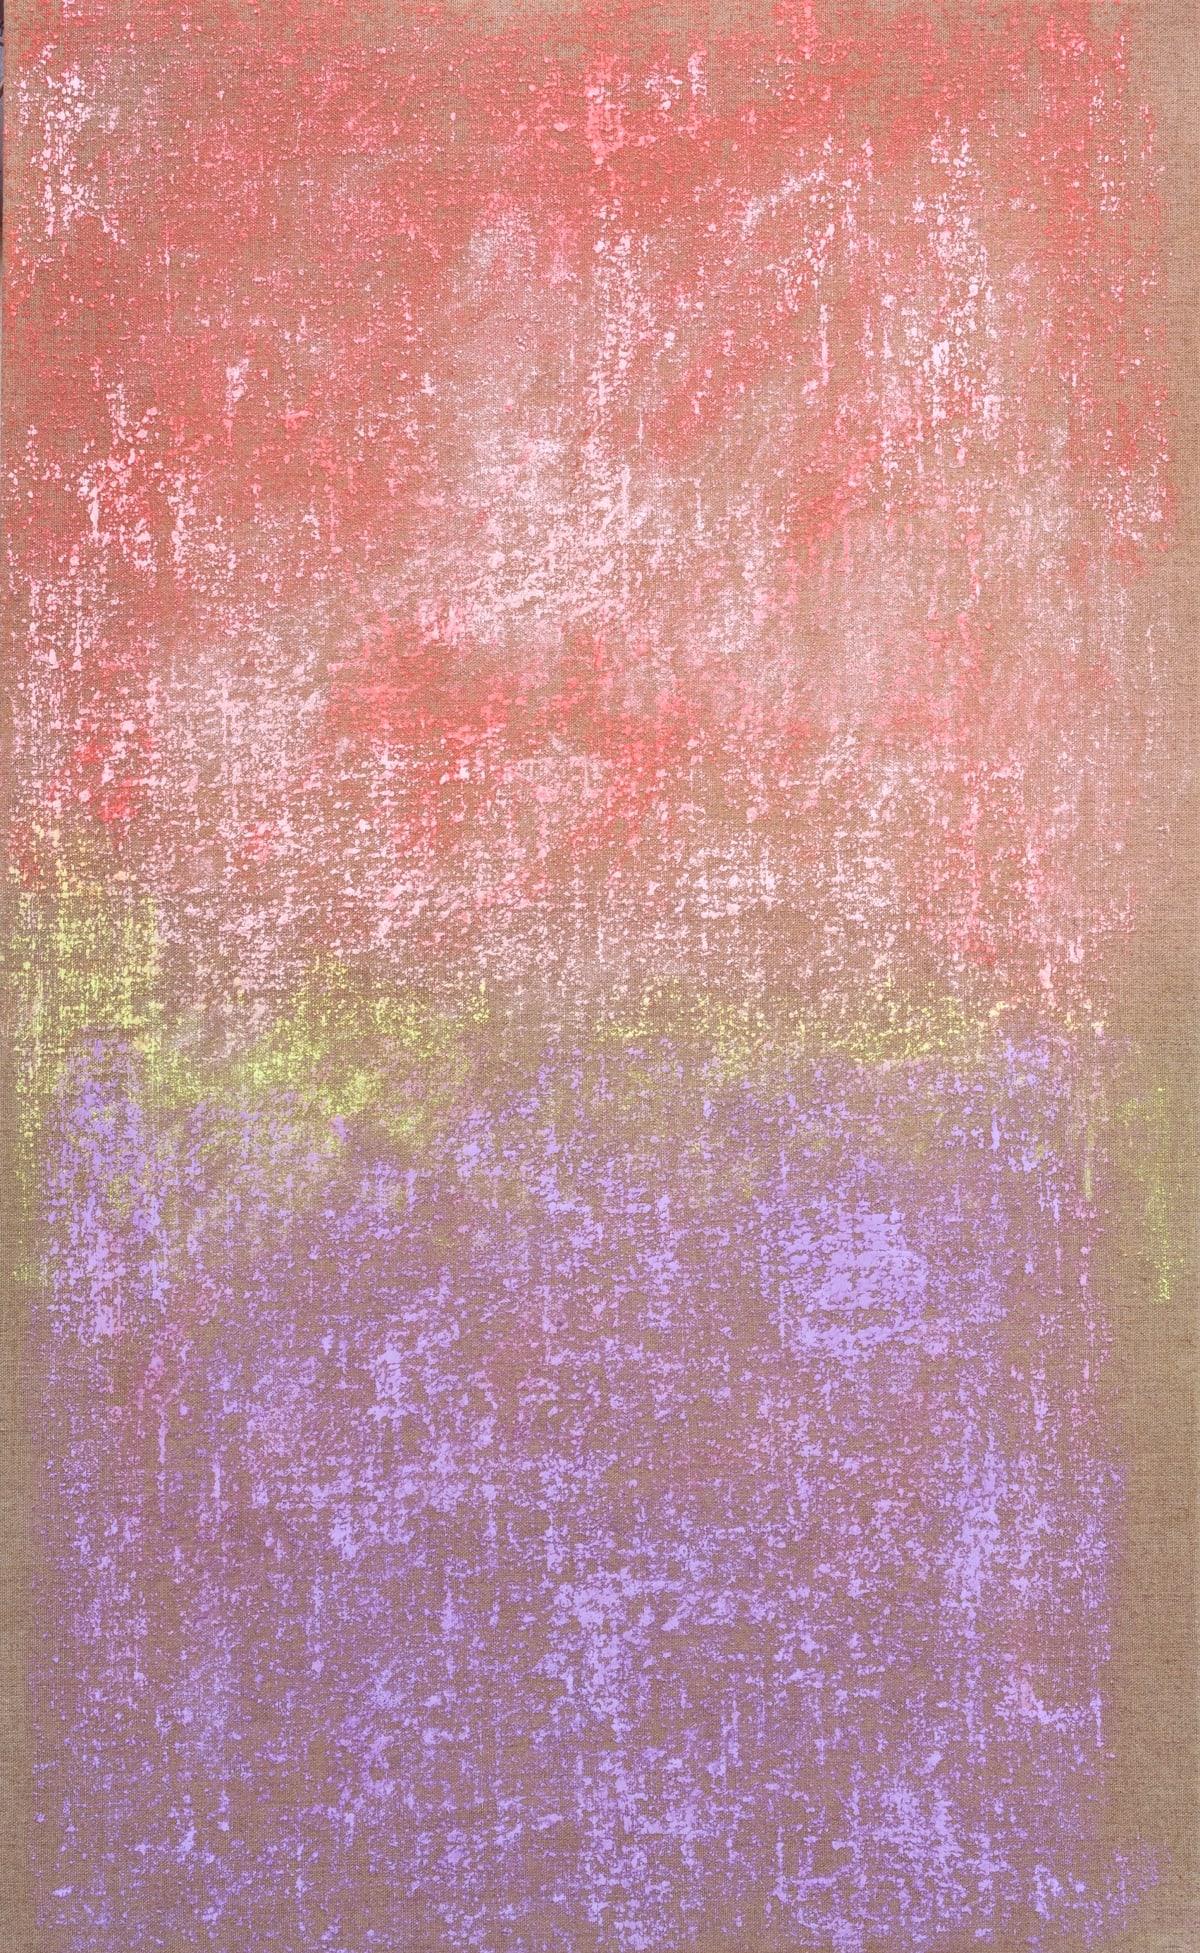 Monique Frydman, Tabula IV, 2013